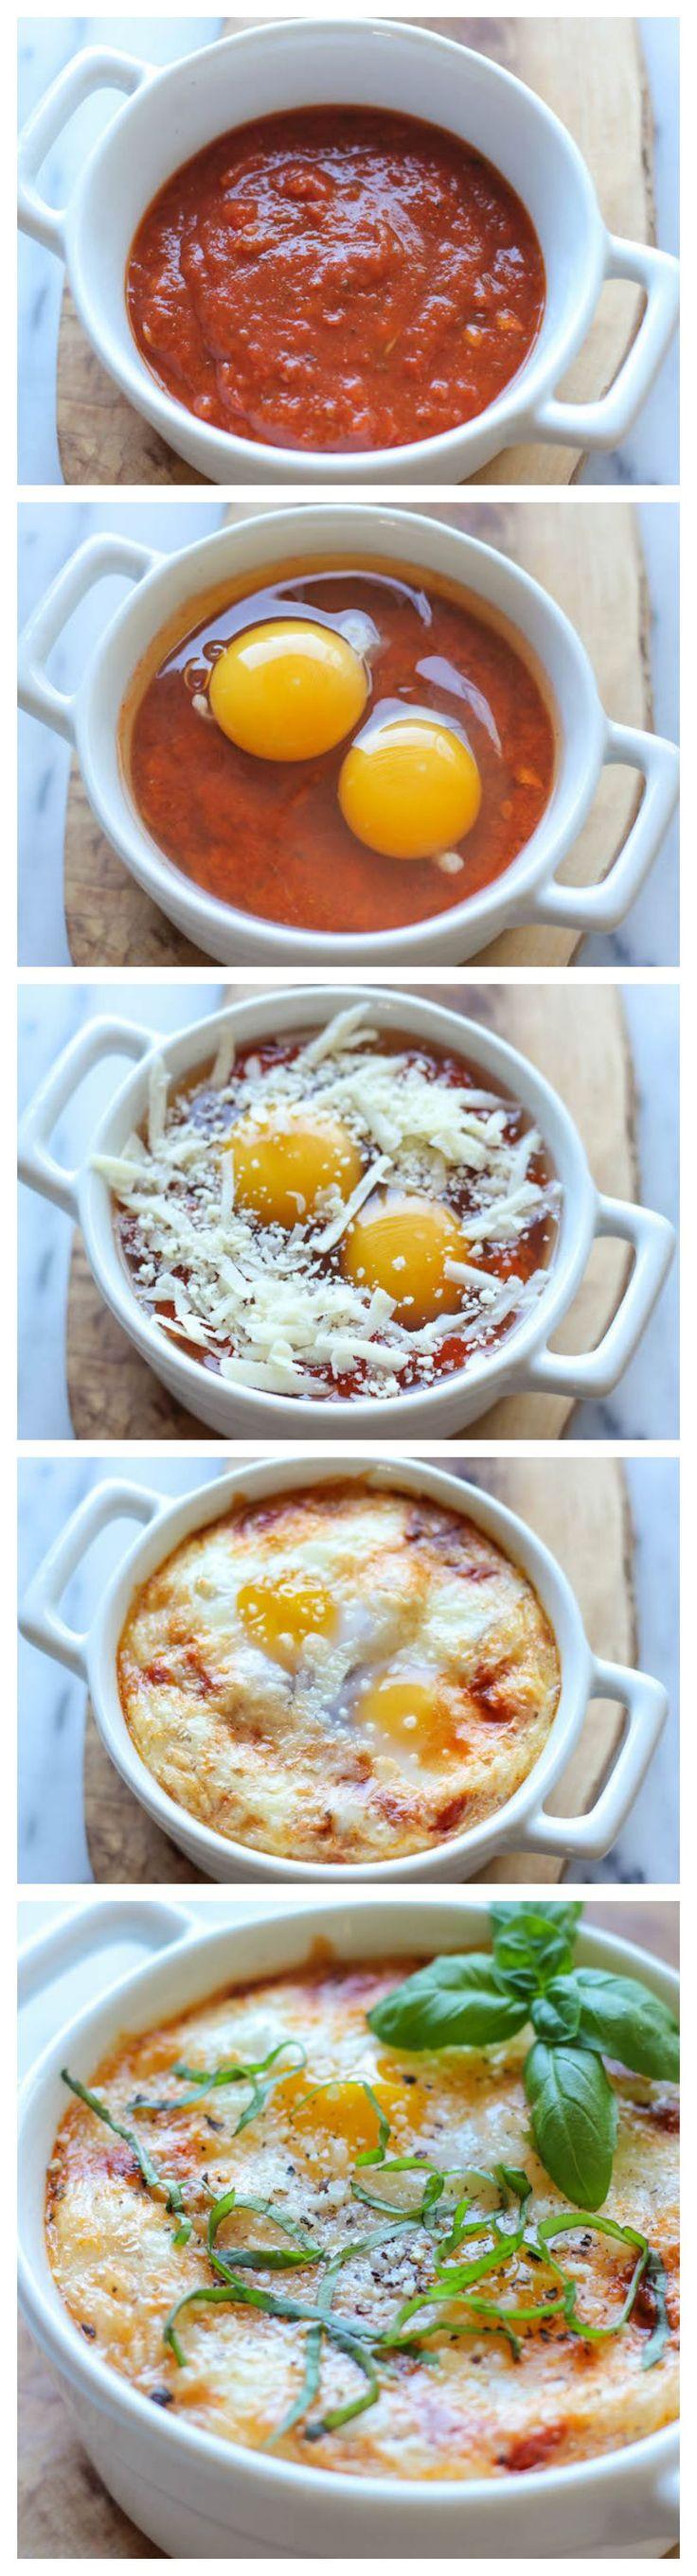 Italian Baked Eggs - Damn Delicious